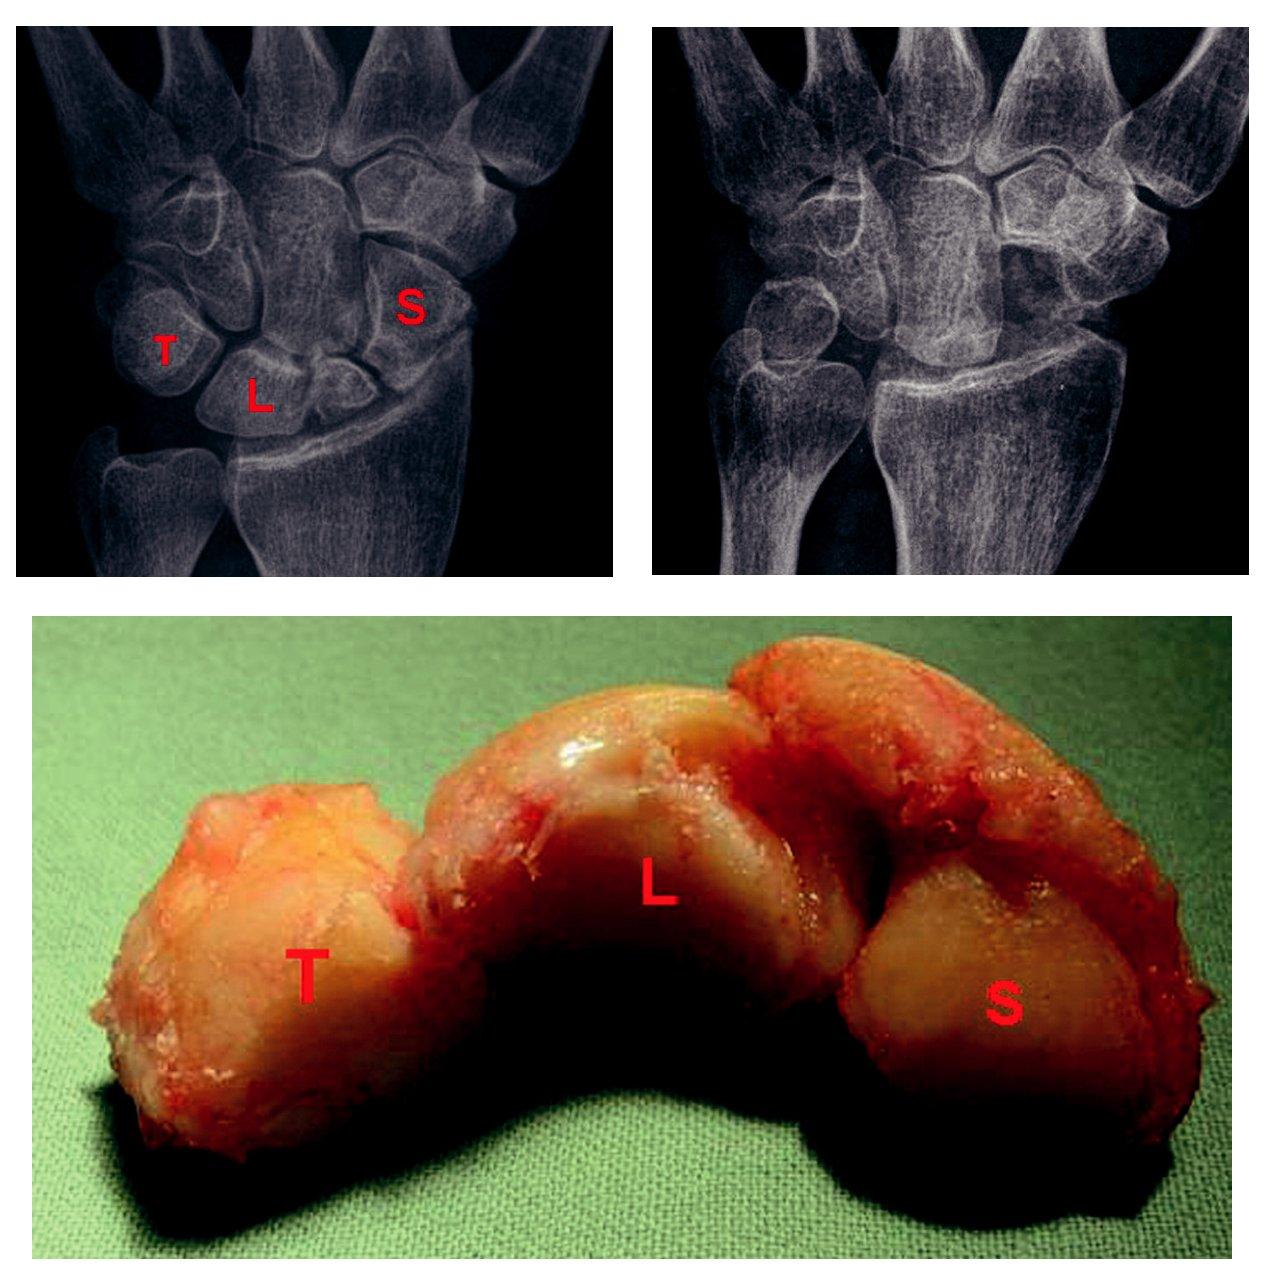 a) Pakloub člunkové kosti s artrotickými změnami typu SNAC II, písmena označují kosti, které jsou při proximální karpektomii exstirpovány: S = os scaphoideum, L = os lunatum, T = os triquetrum. b) Exstirpované kosti: S = os scaphoideum, L = os lunatum, T = os triquetrum. c) Stav po proximální karpektomii s vytvořením neoartikulace mezi os capitatum a fossa lunata distálního radia